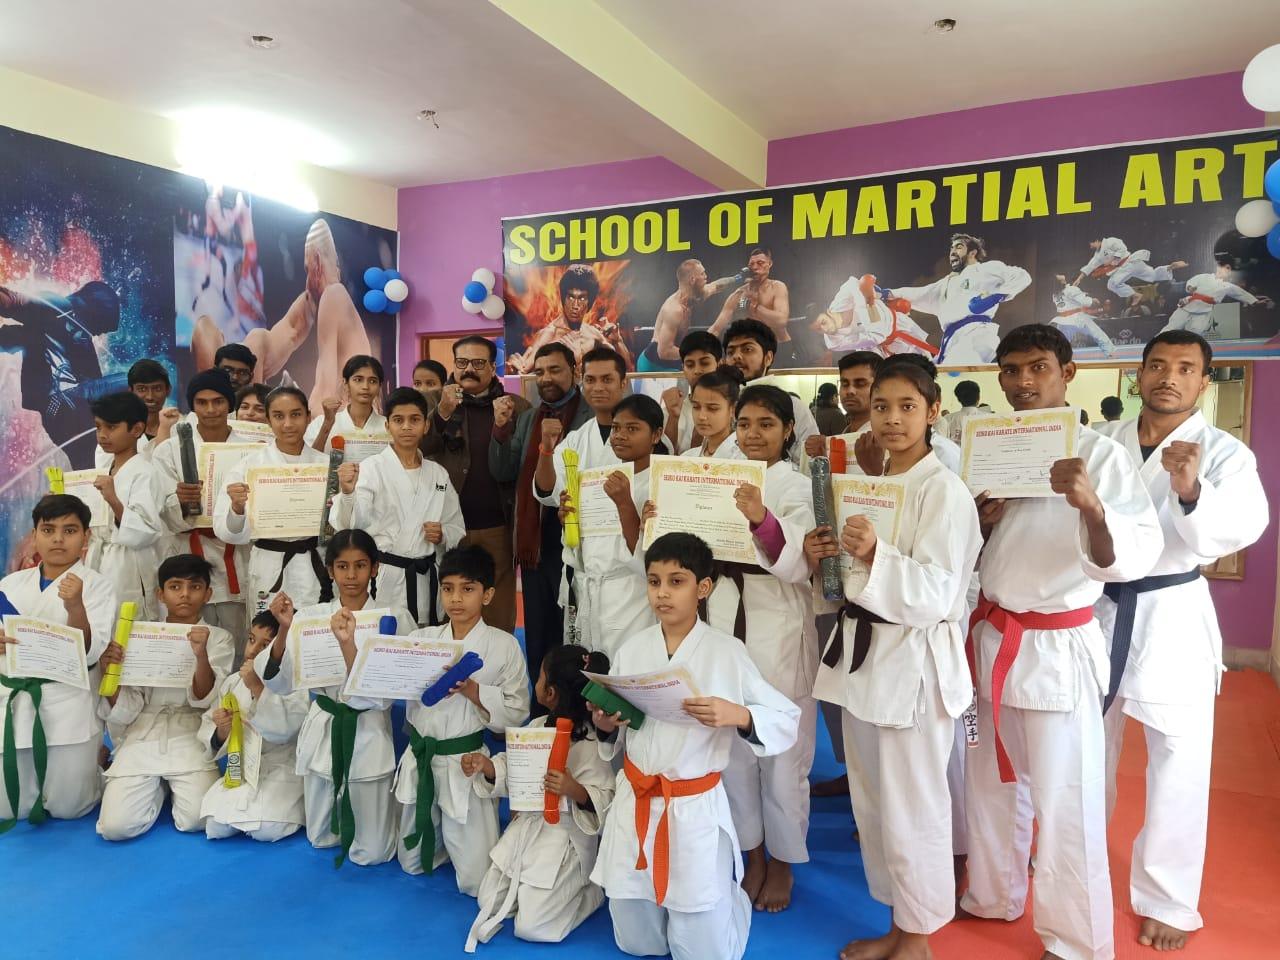 स्कूल ऑफ मार्शल आर्ट का चौथा बेल्ट ग्रेडिंग टेस्ट संपन्न